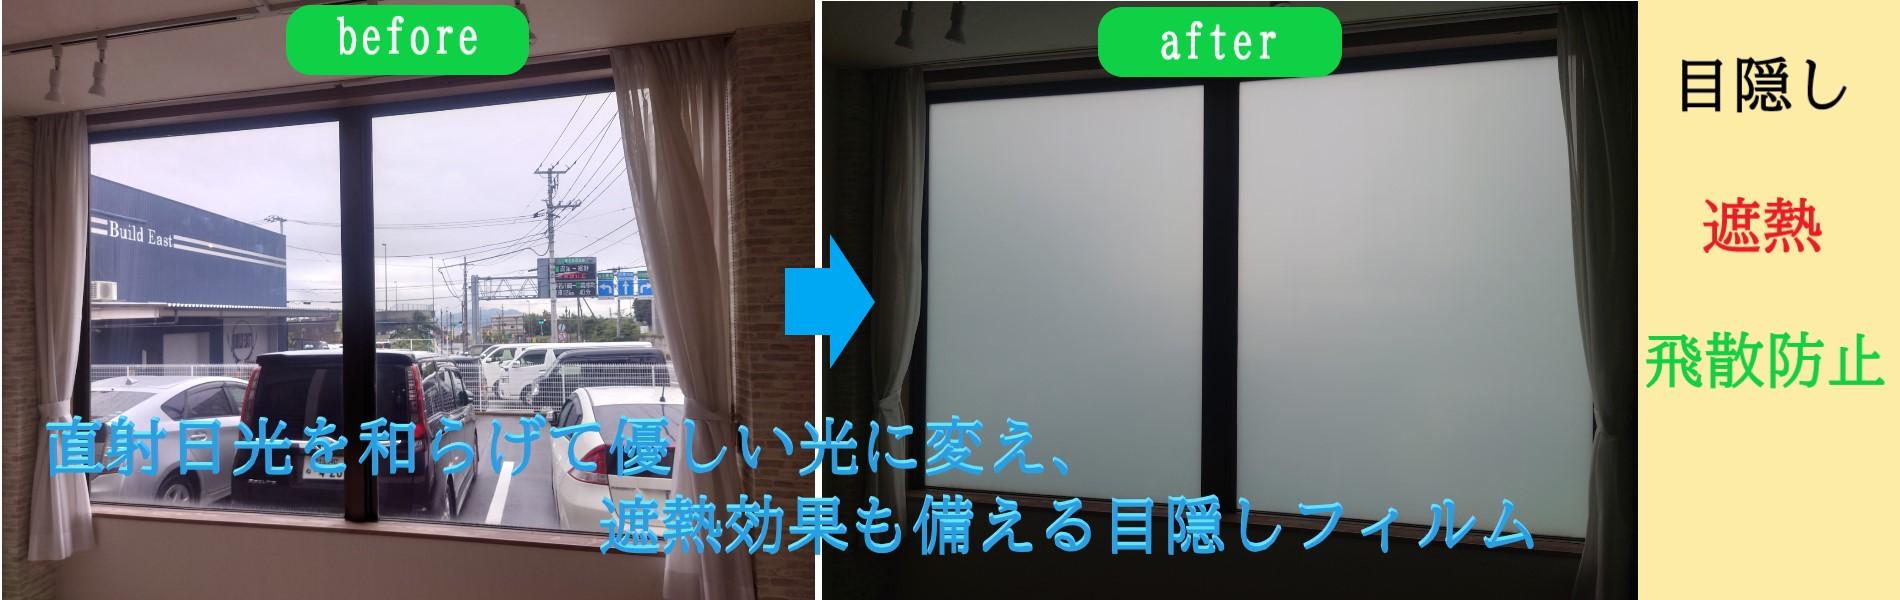 富士市でガラスフィルムに関することなら